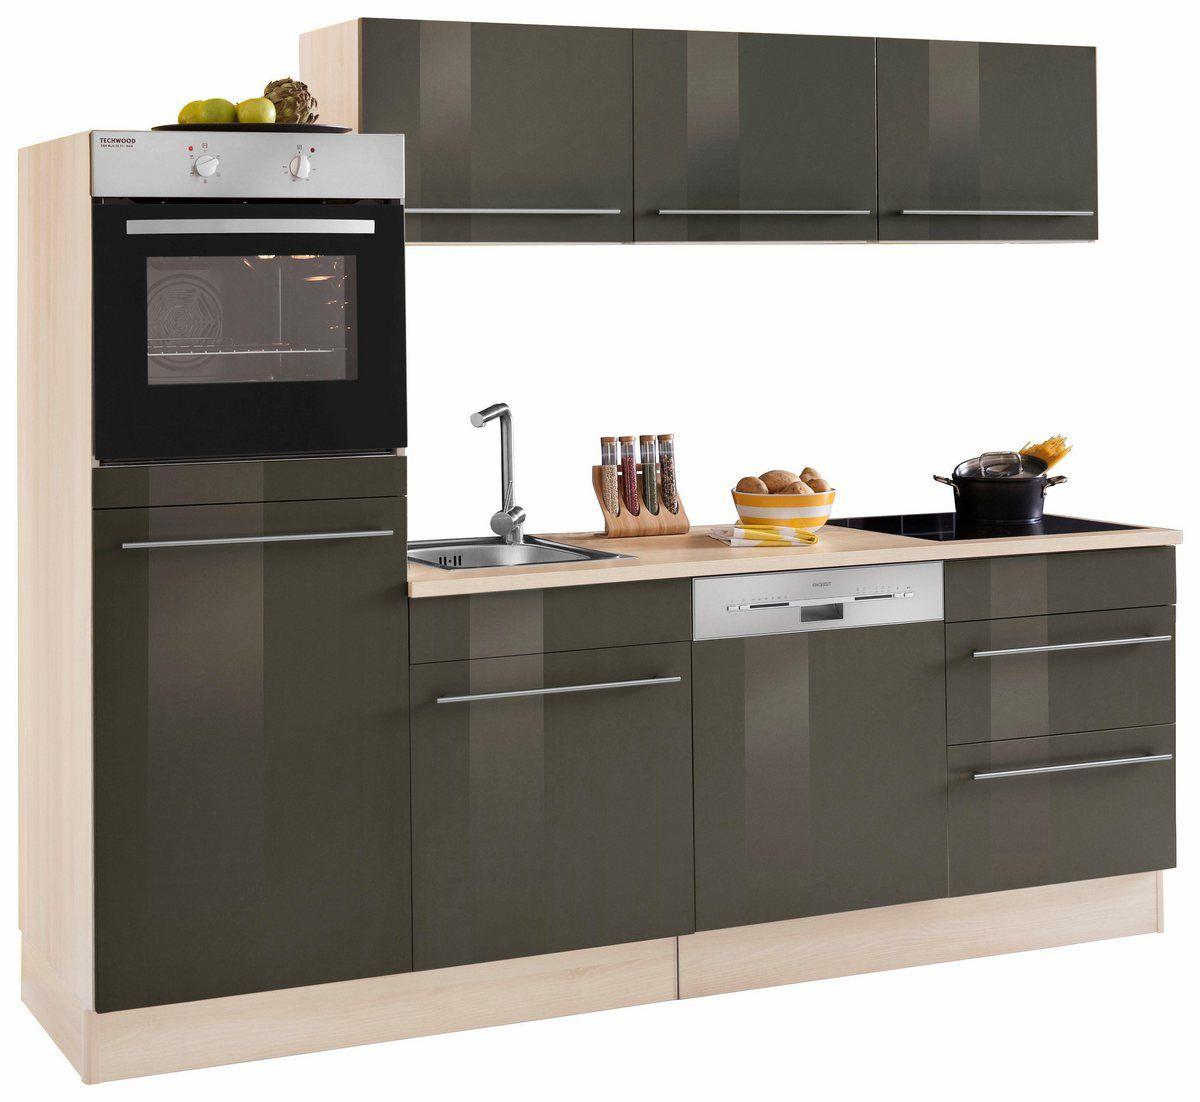 Kuchenzeile Bern Ohne E Gerate Breite 240 Cm Mit Hohenverstellbaren Fussen In 2020 Kuchenzeilen Innenarchitektur Kuche Und Kuche